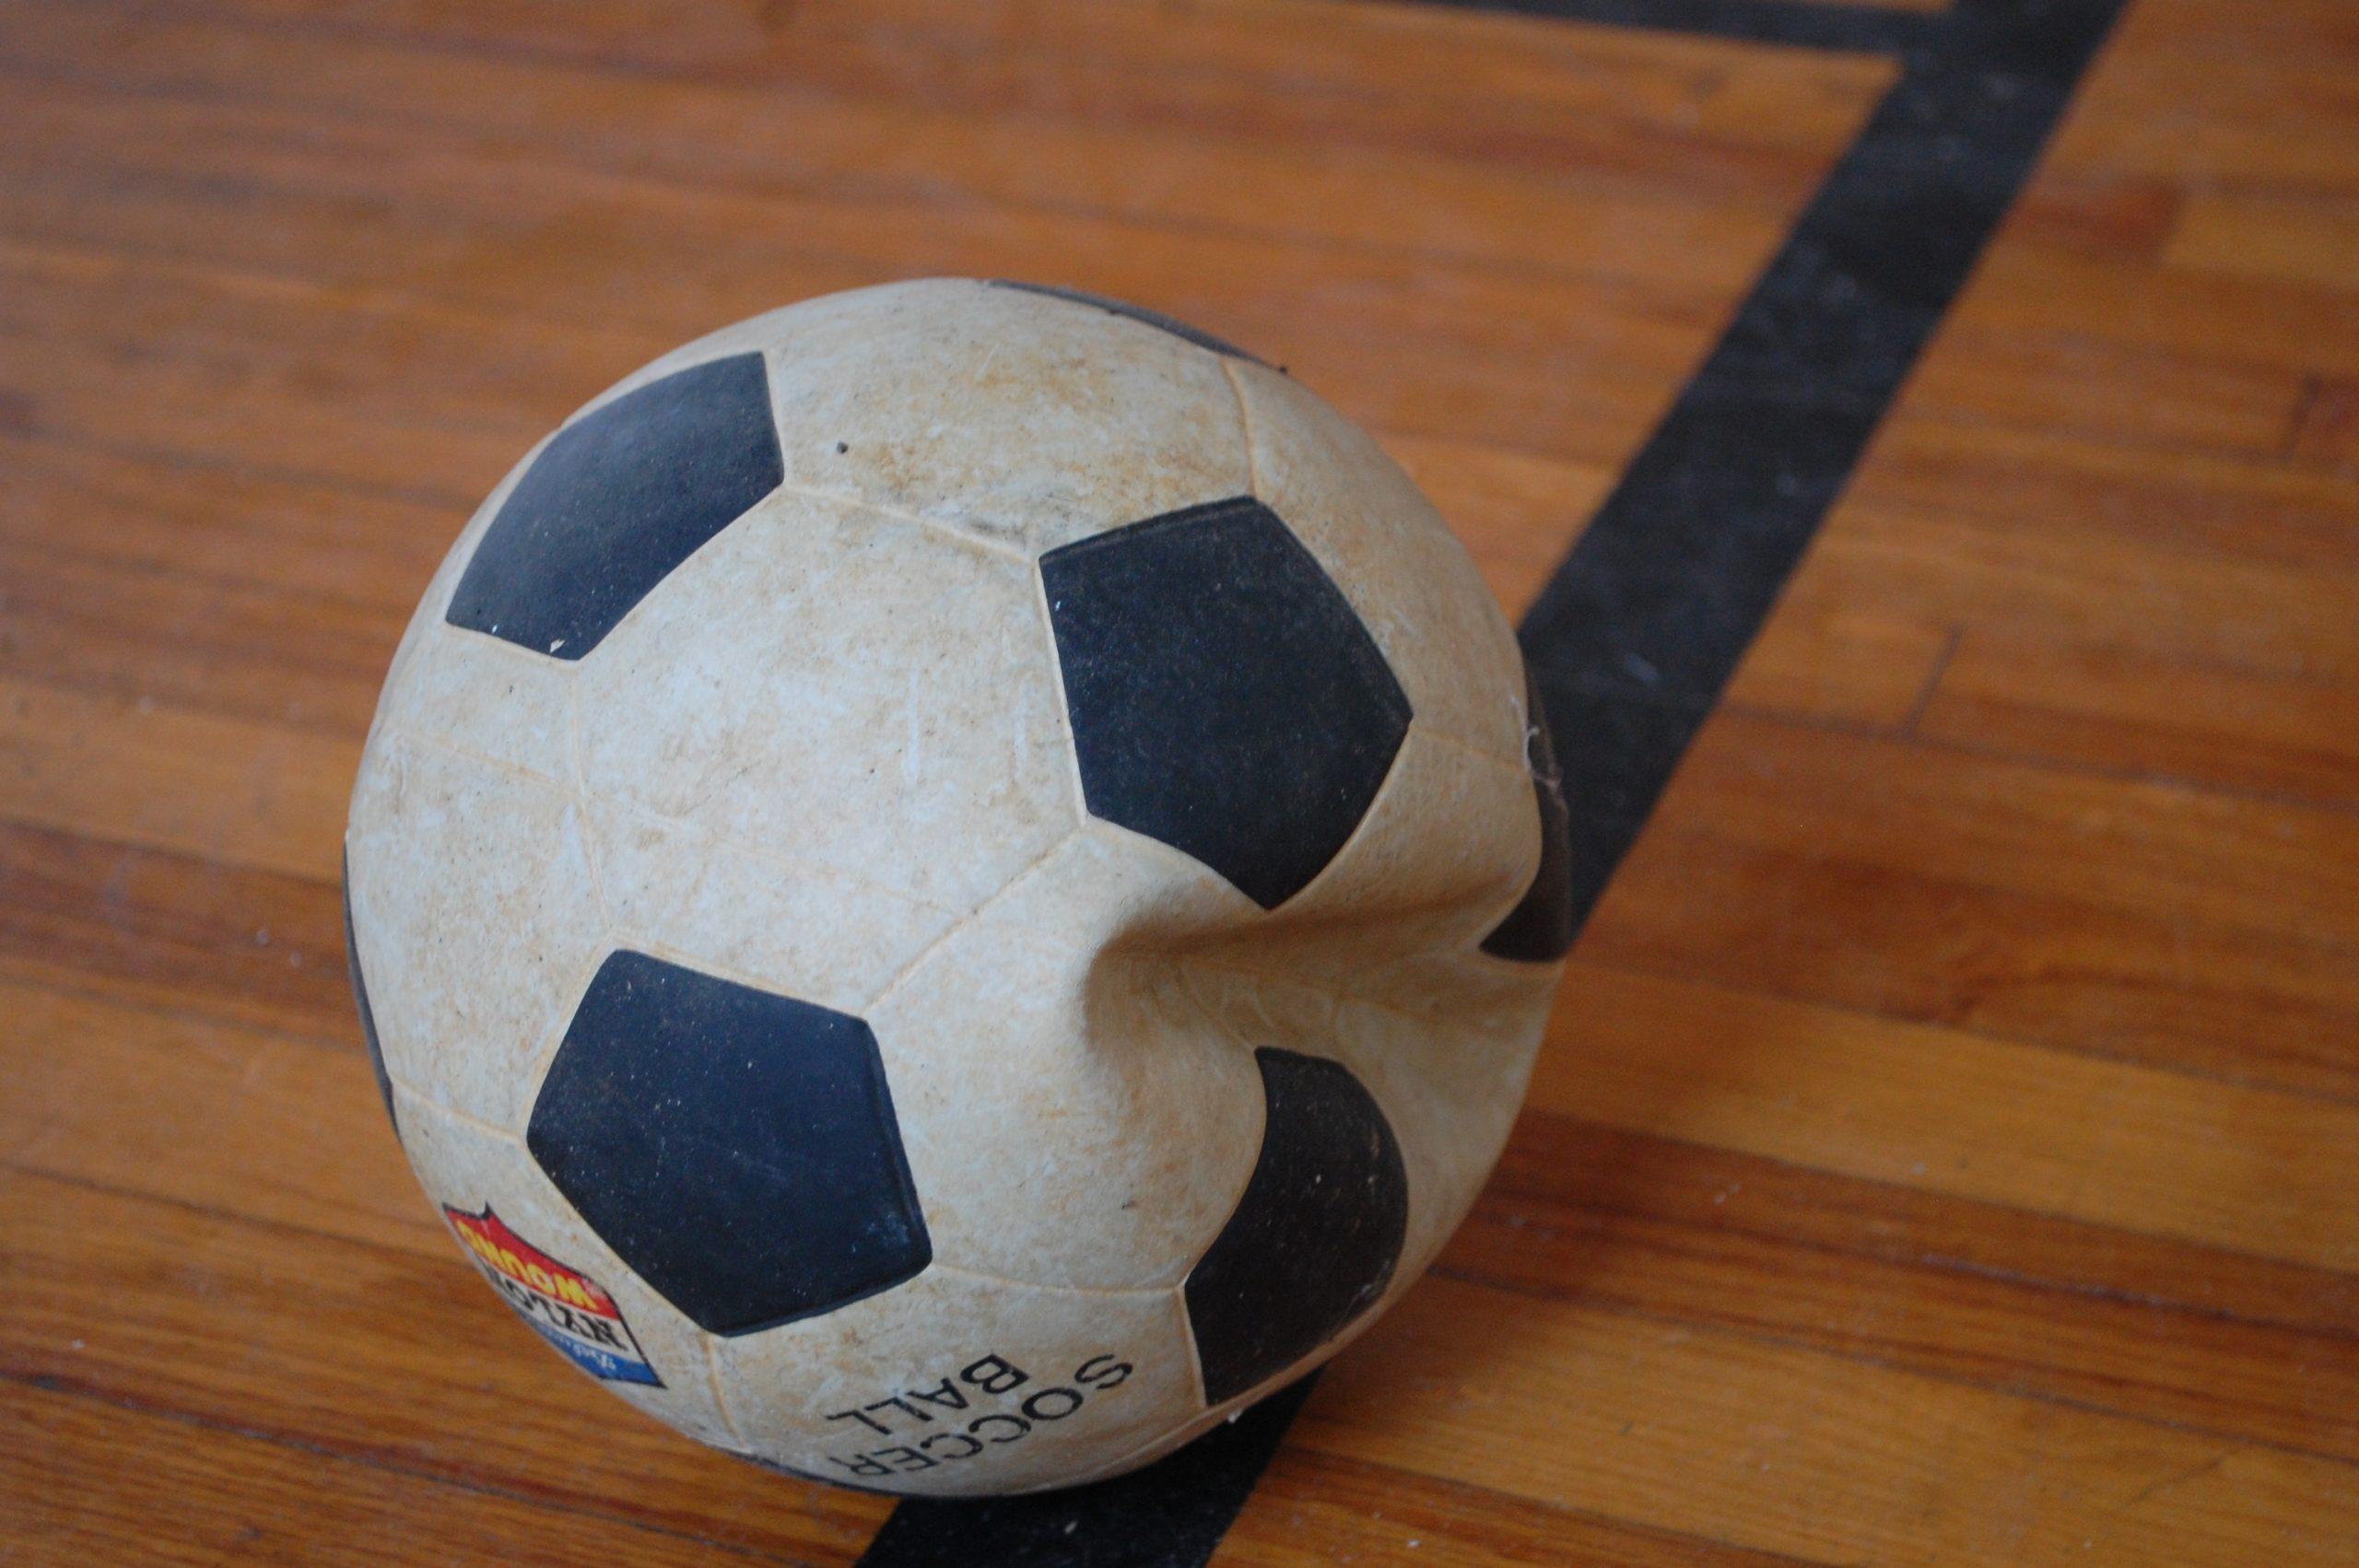 незначительные повреждения мяча